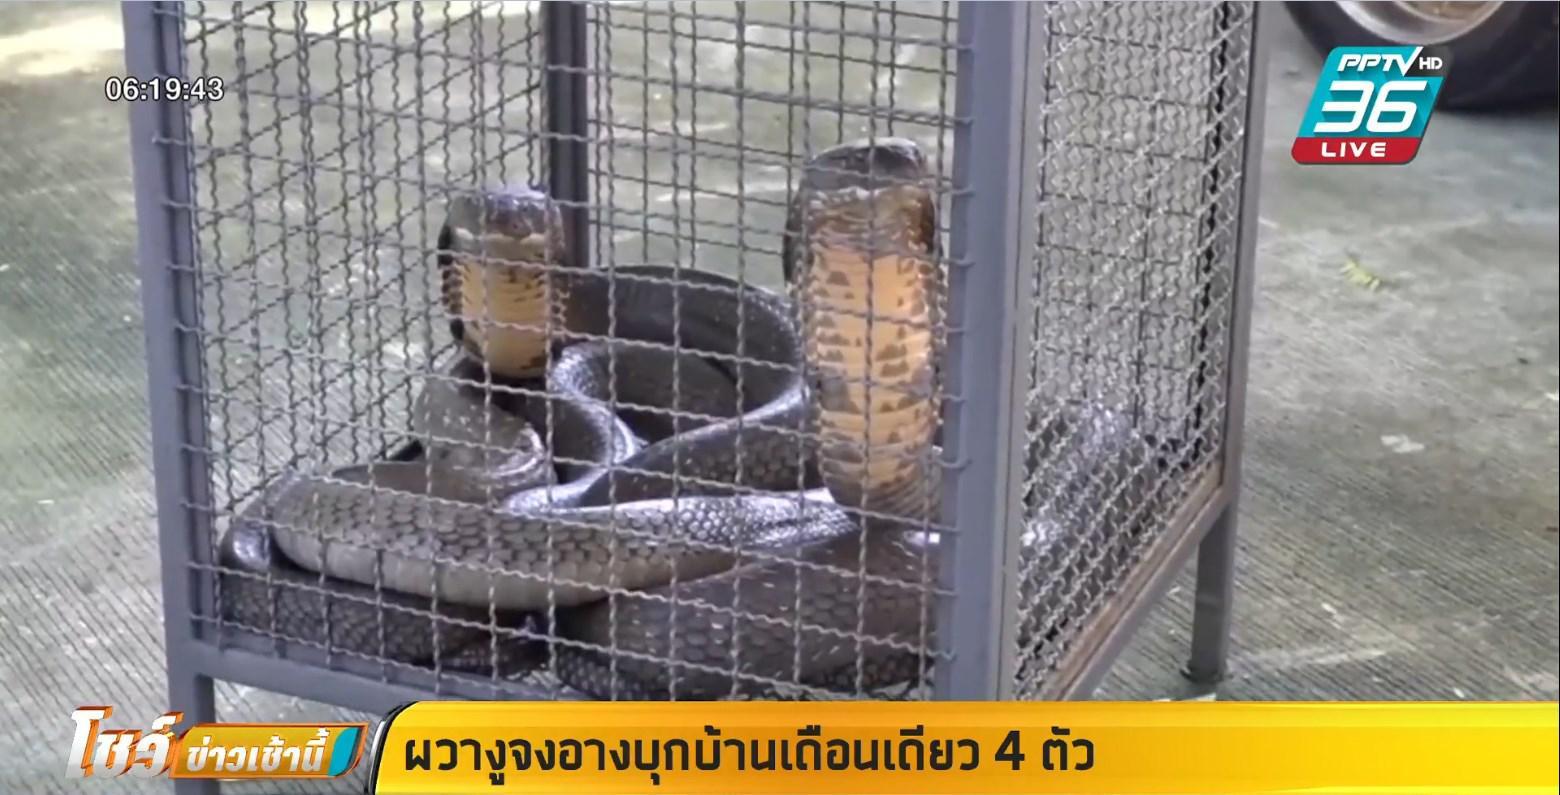 งูจงอาง 2 ตัวยาวกว่า 5 เมตรเข้าบ้าน เผย เดือนเดียวเข้าบ้านแล้ว 4 ตัว